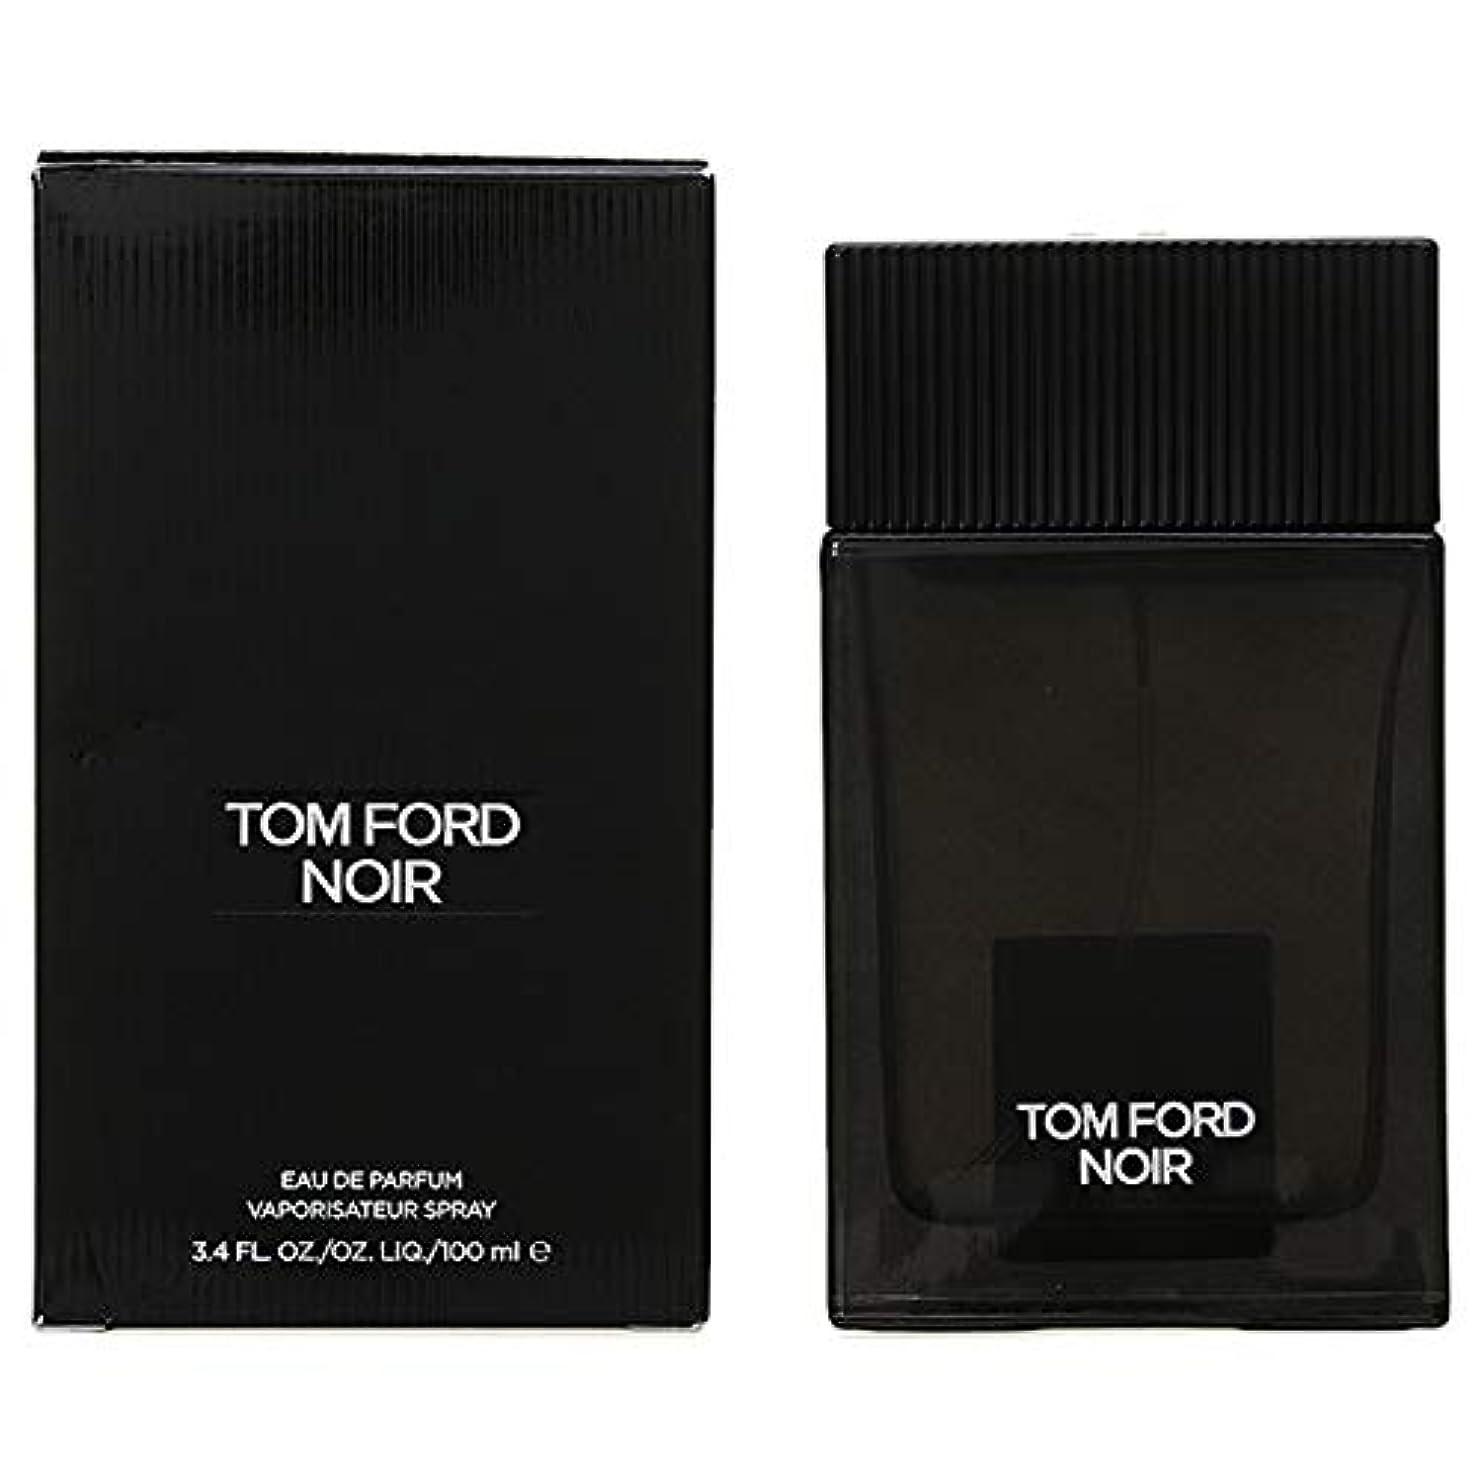 製作すべき病気のトム フォード ビューティ TOM FORD BEAUTY ノワール オード パルファム スプレィ EDP 100mL [並行輸入品]